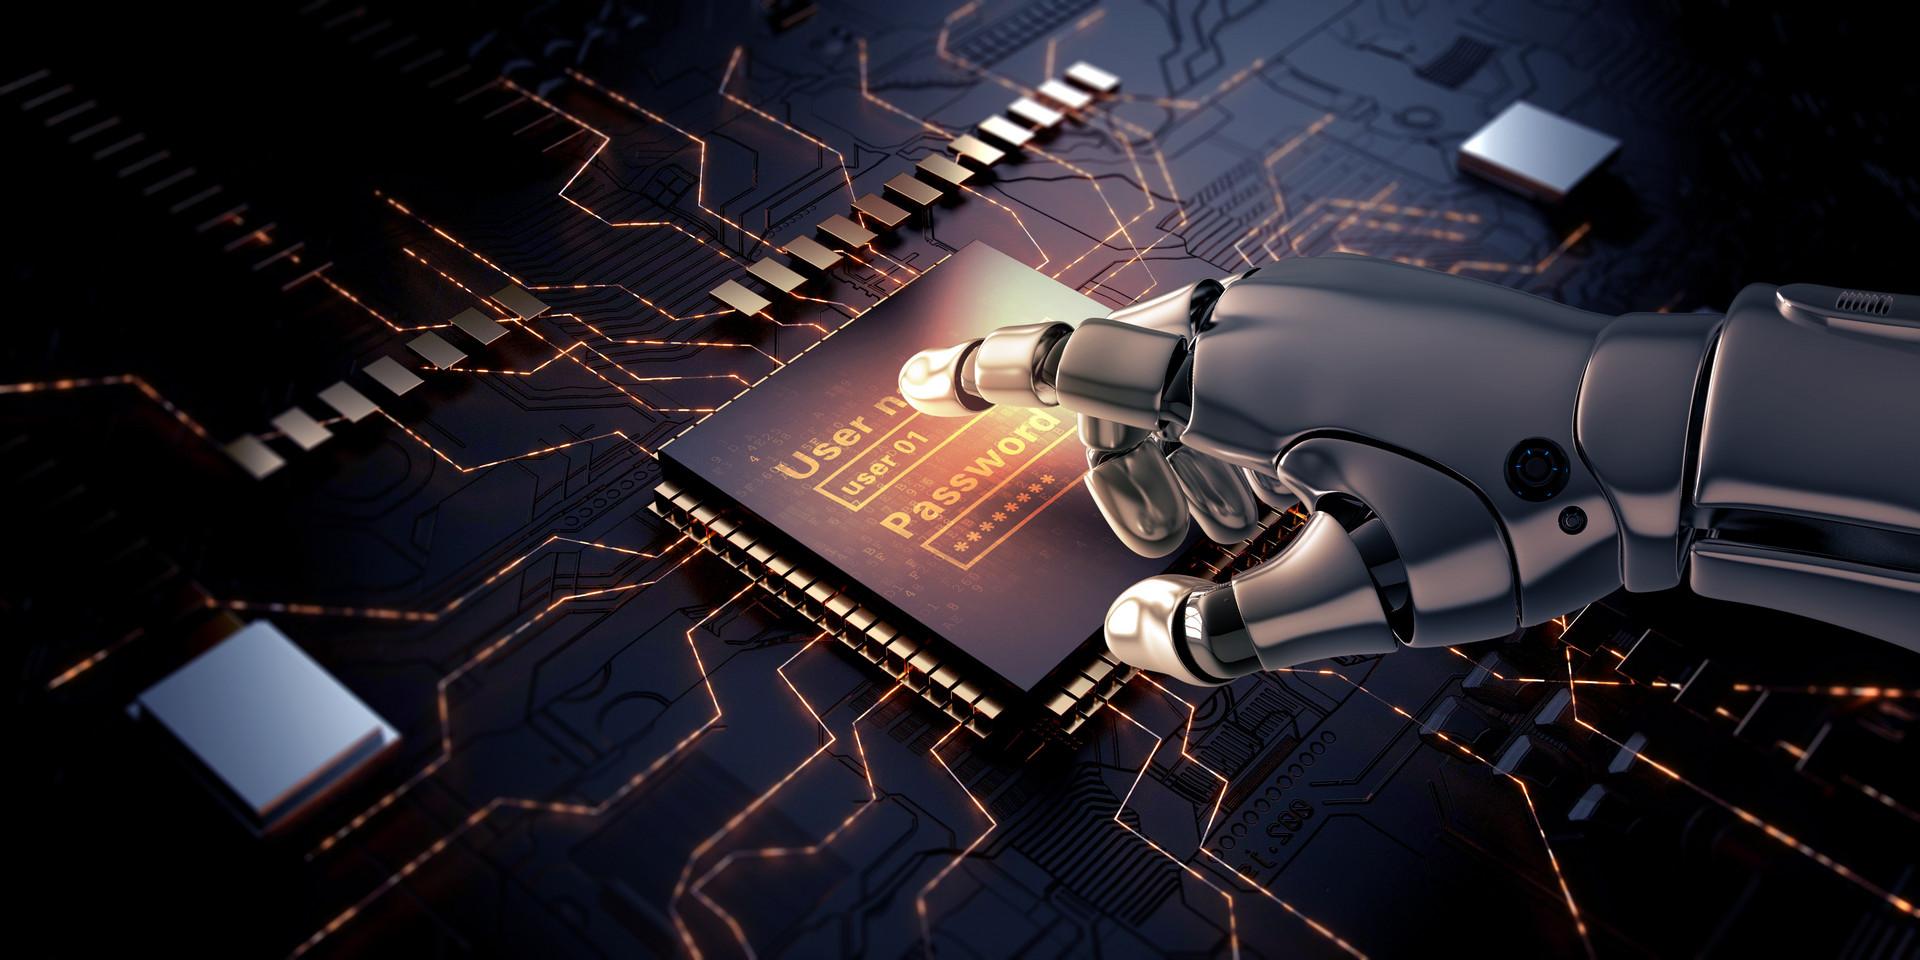 人工智能芯片:为何它们如此重要?